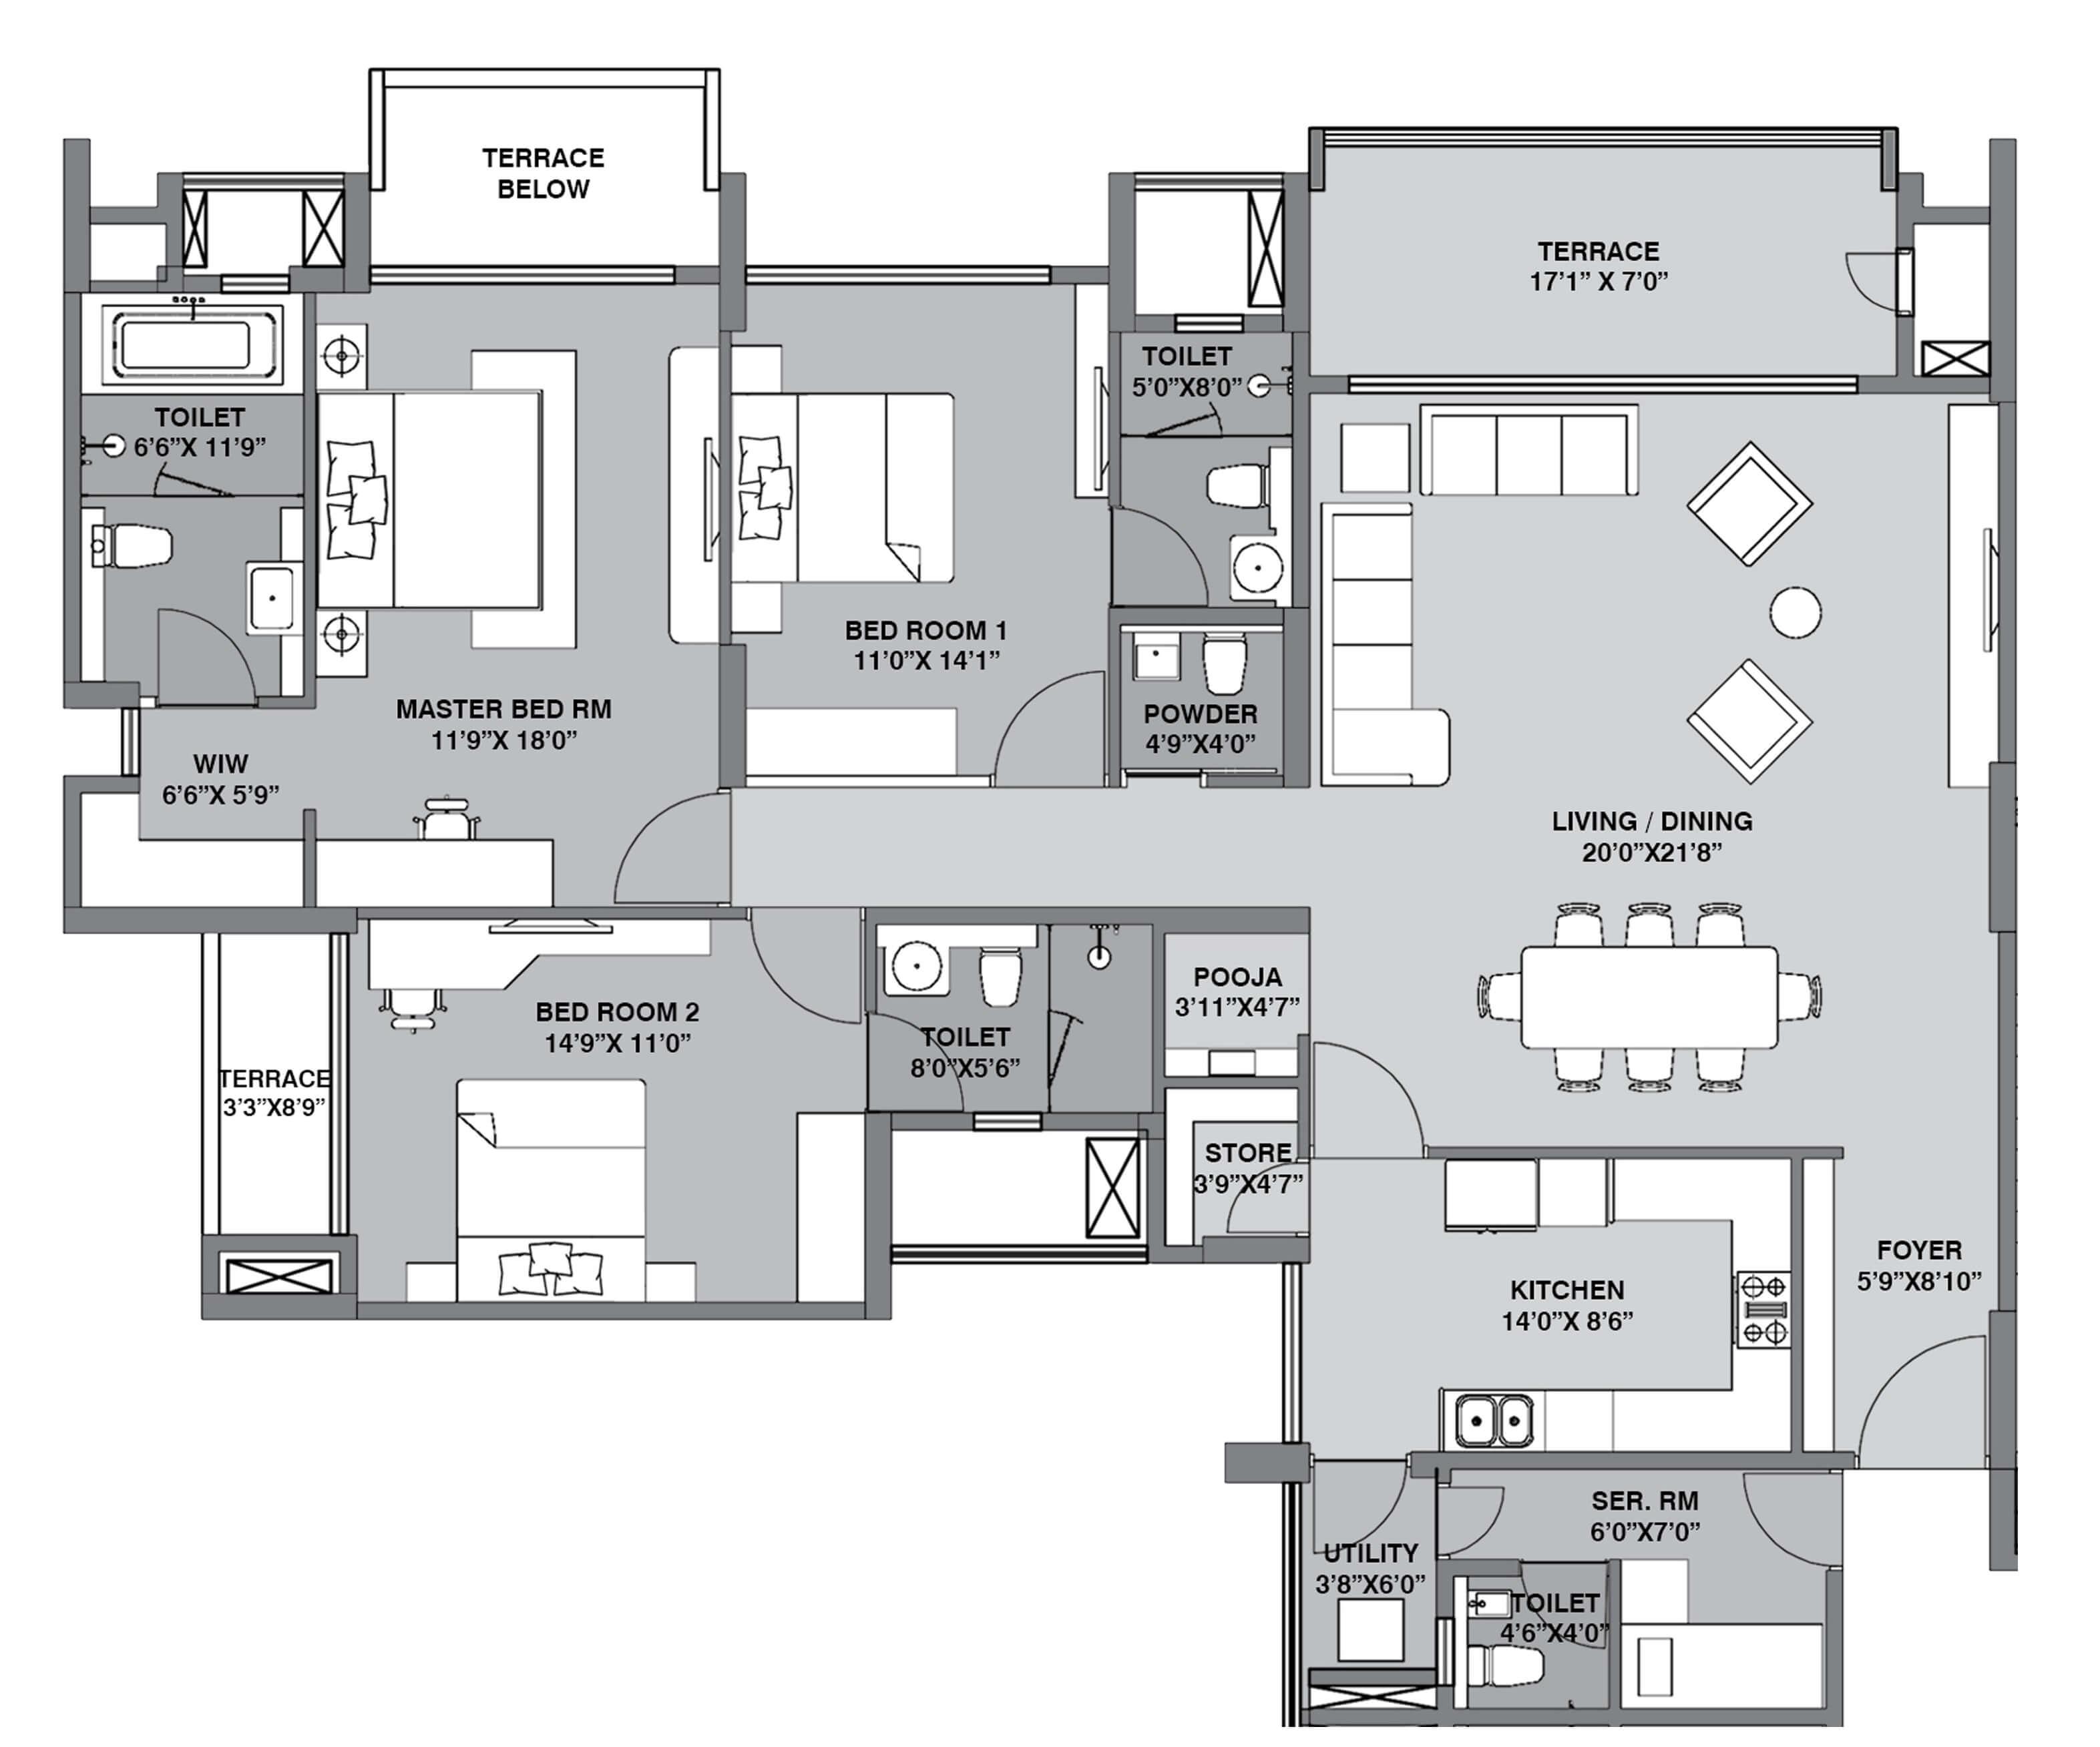 lodha belmondo apartment 3bhk sq 1751sqft 1